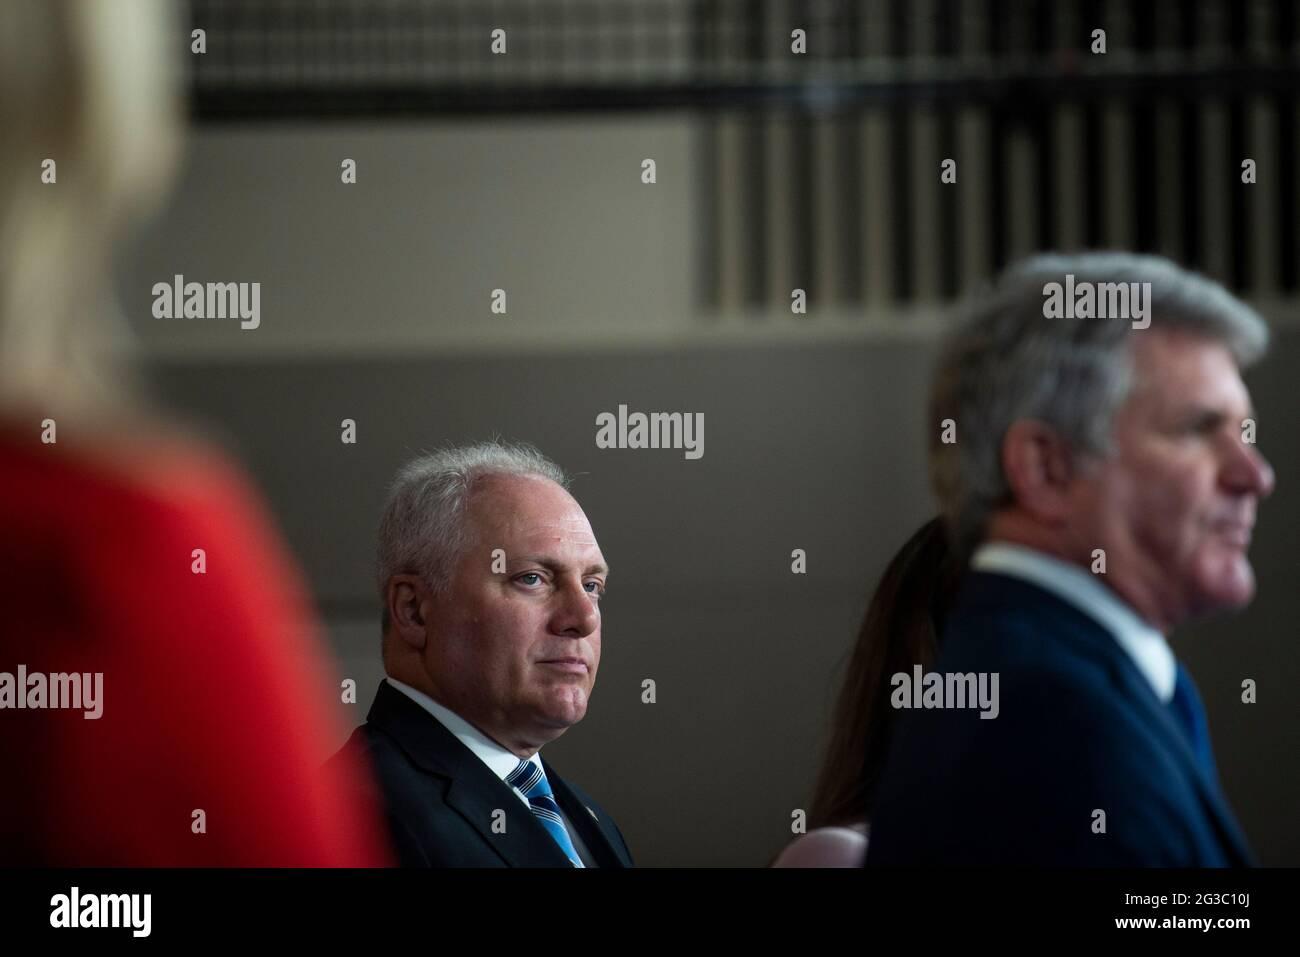 Le whip de la minorité de la Maison des États-Unis Steve Scalise (républicain de Louisiane) attend pour faire des remarques lors d'une conférence de presse au Capitole des États-Unis, à Washington, DC, le mardi 15 juin, 2021. Crédit : Rod Lamkey/CNP/MediaPunch Banque D'Images